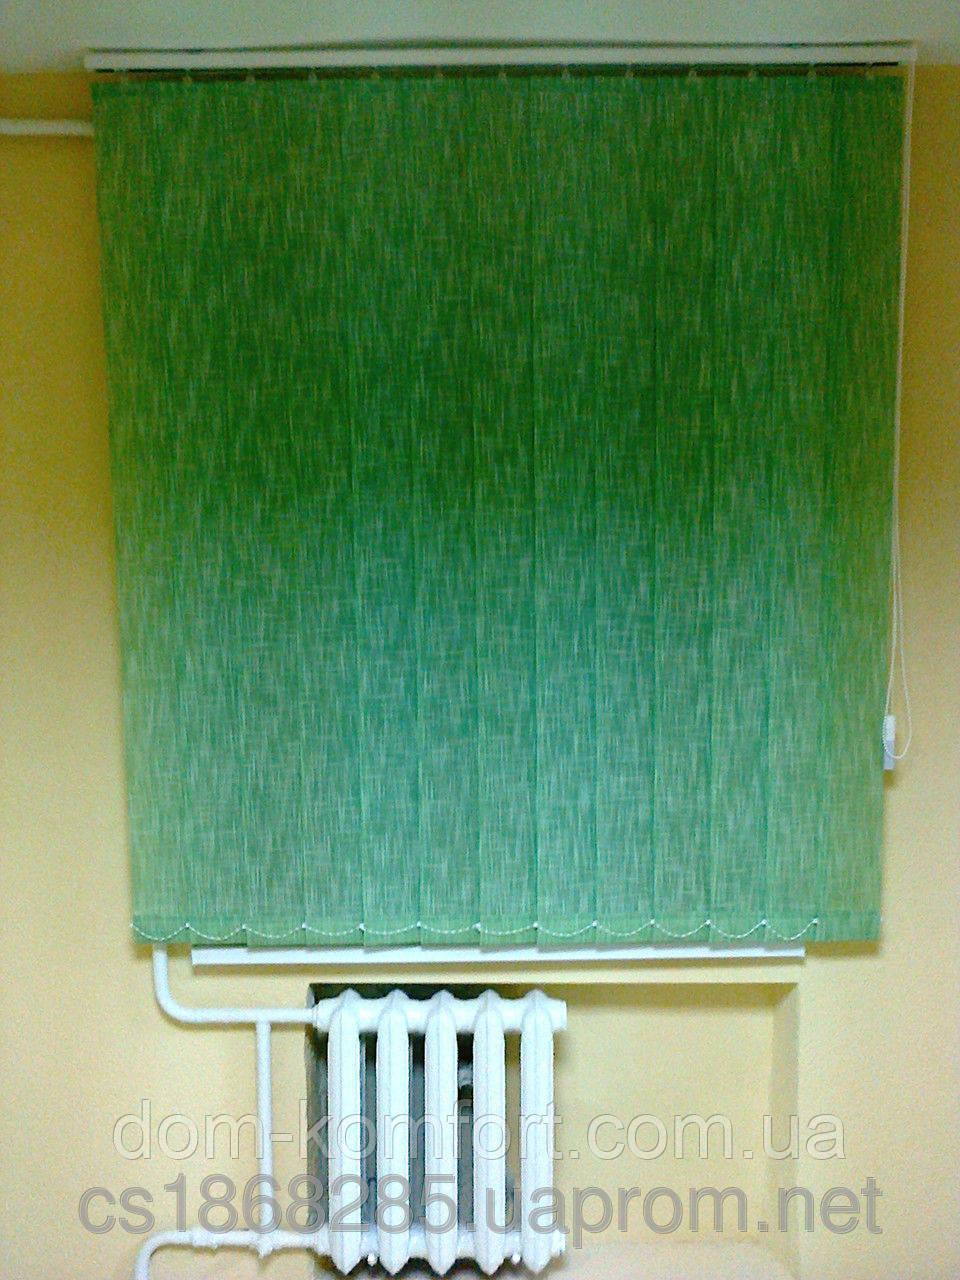 Тканевые вертикальные жалюзи шантунг похожие на Лён